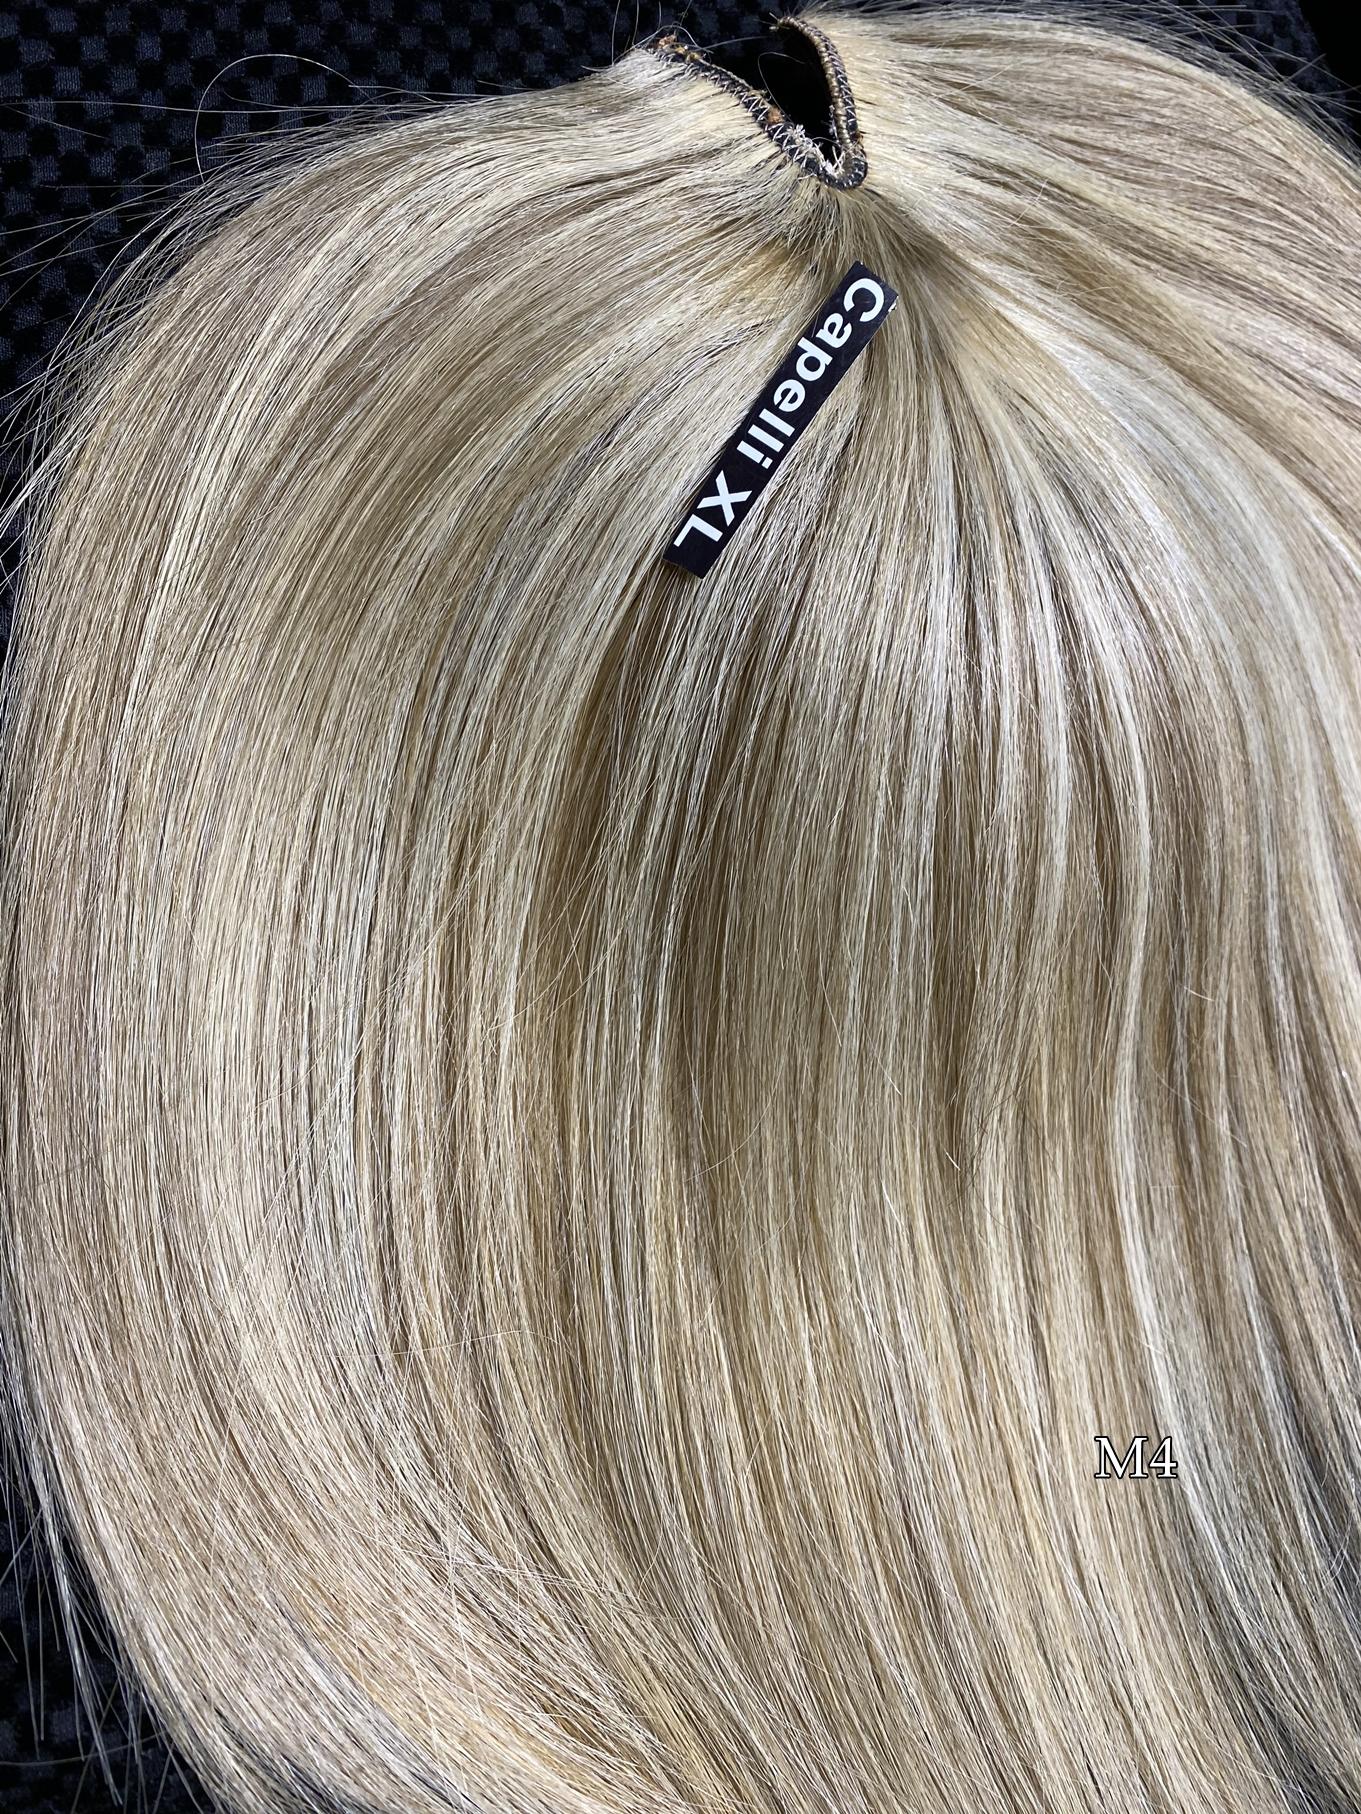 Toupet + Closure capelli veri remy di origine Europea calotta da usare anche con biadesivo tape Anche su misura